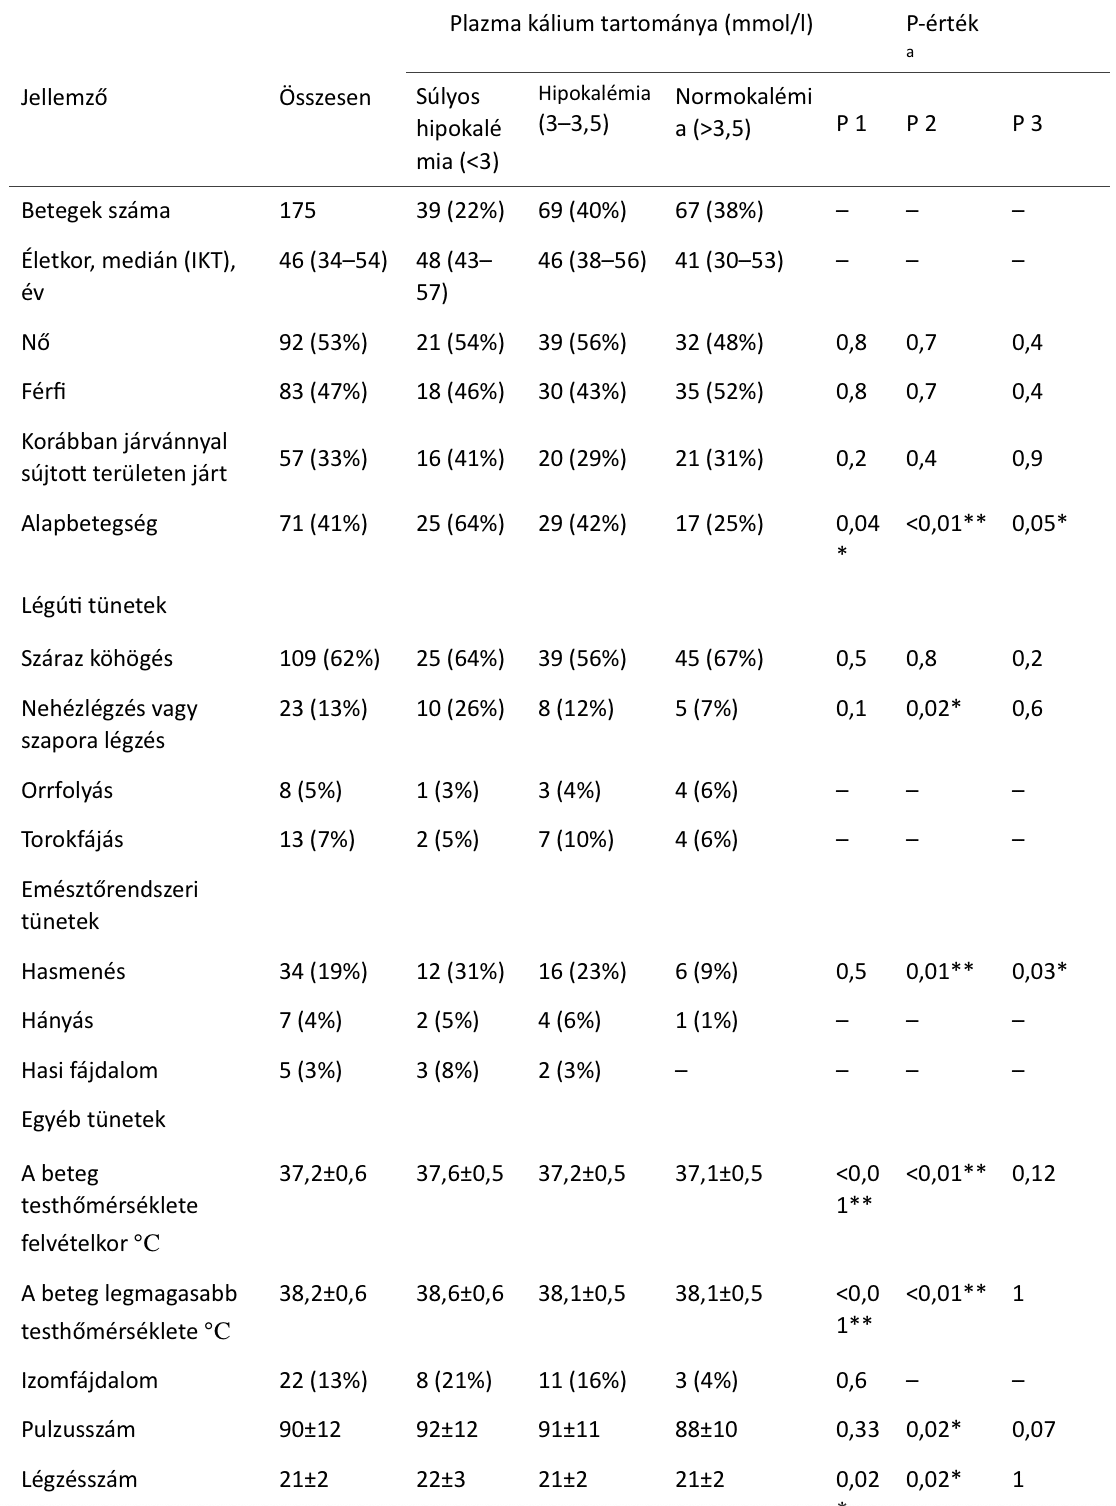 plazma kálium tartománya - egyéb tünetek